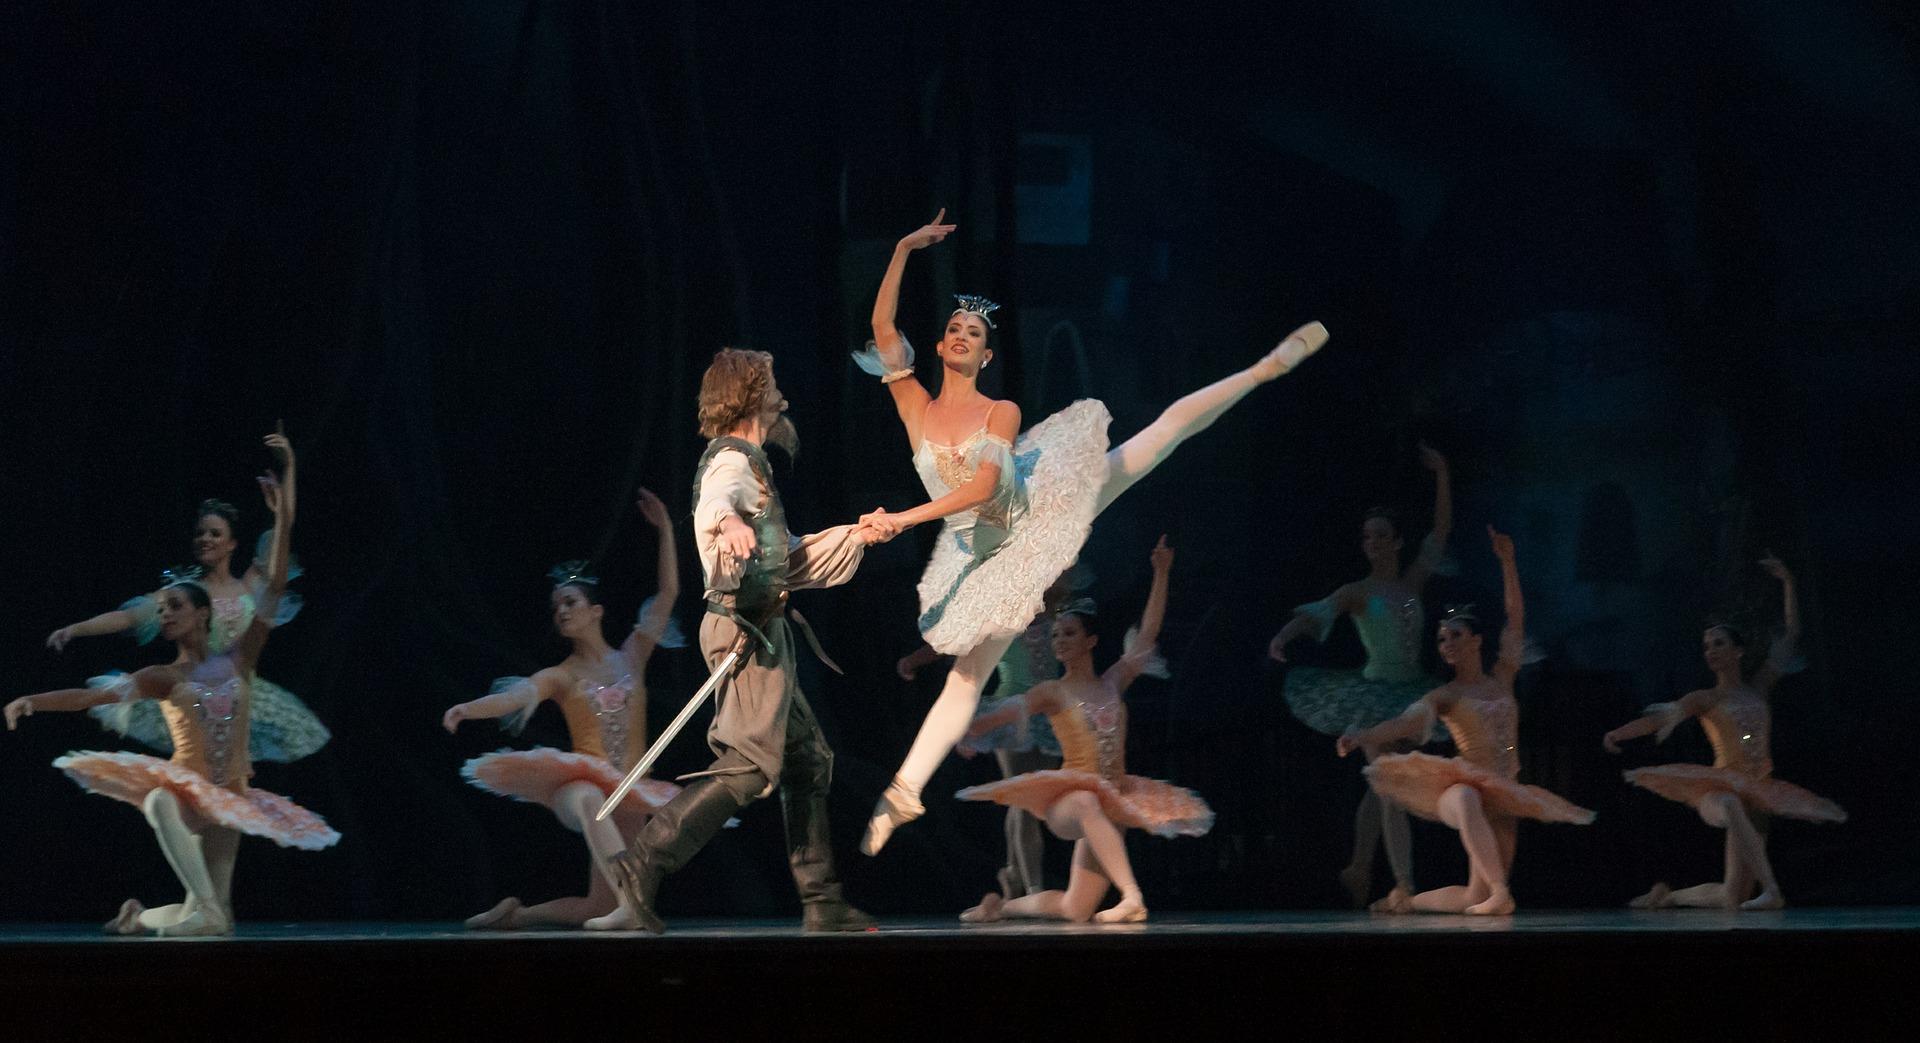 ballet-549614_1920